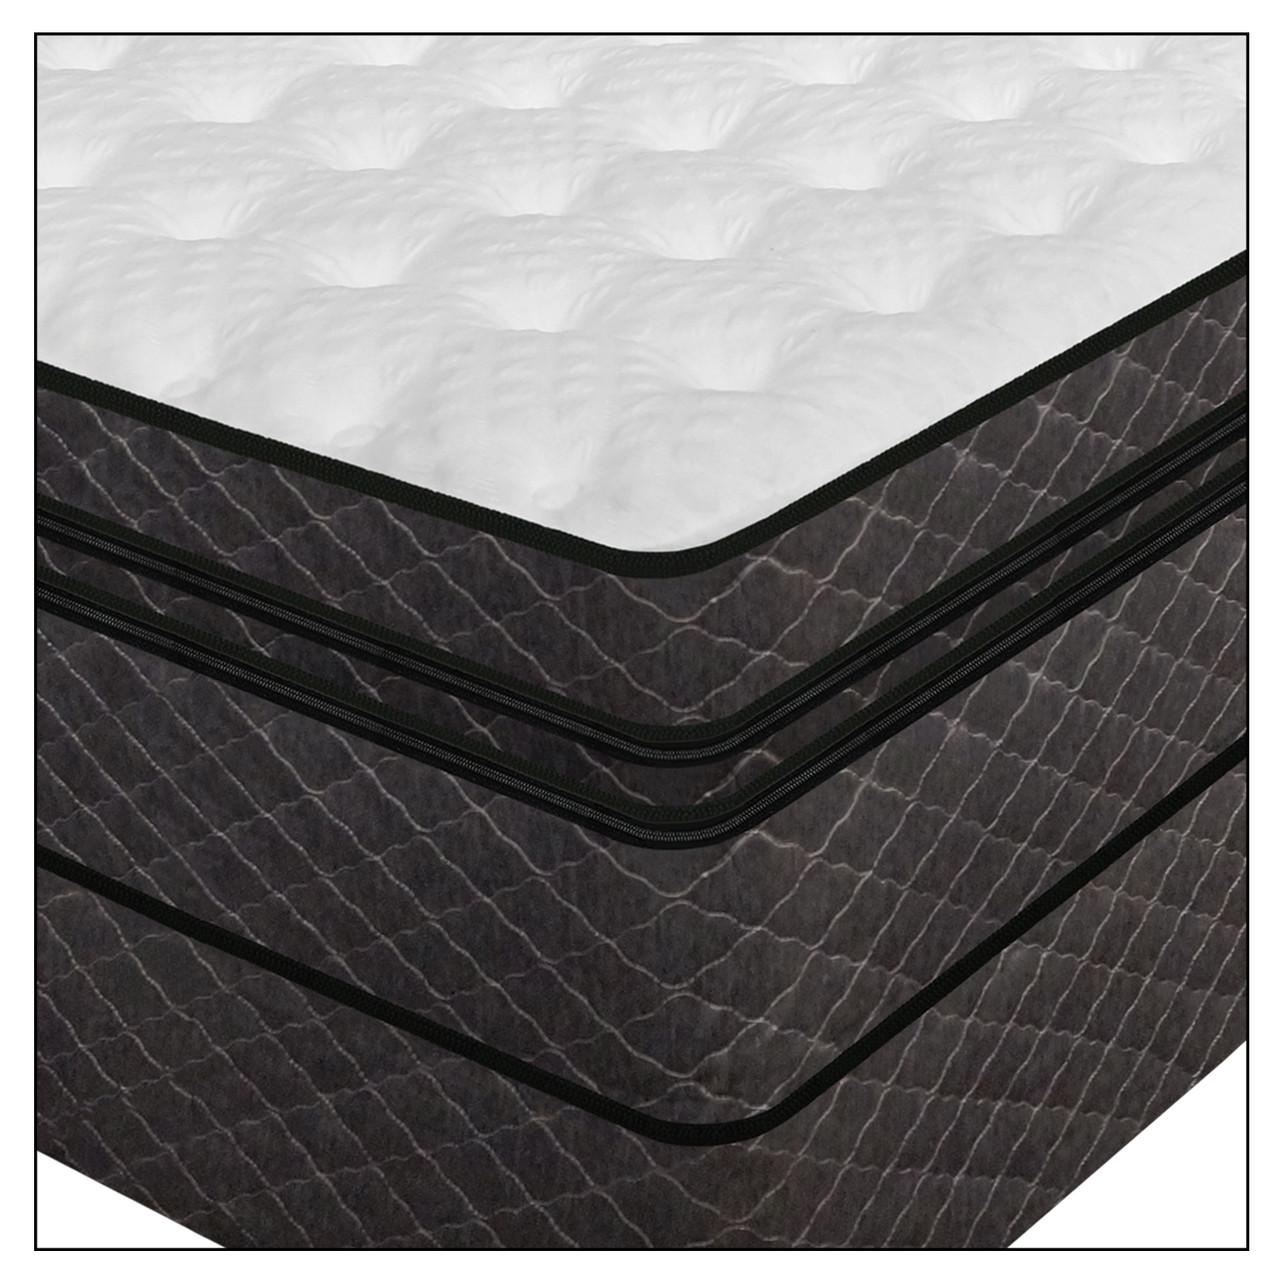 Medallion 14 Inch Mattress Luxury Support Waterbed